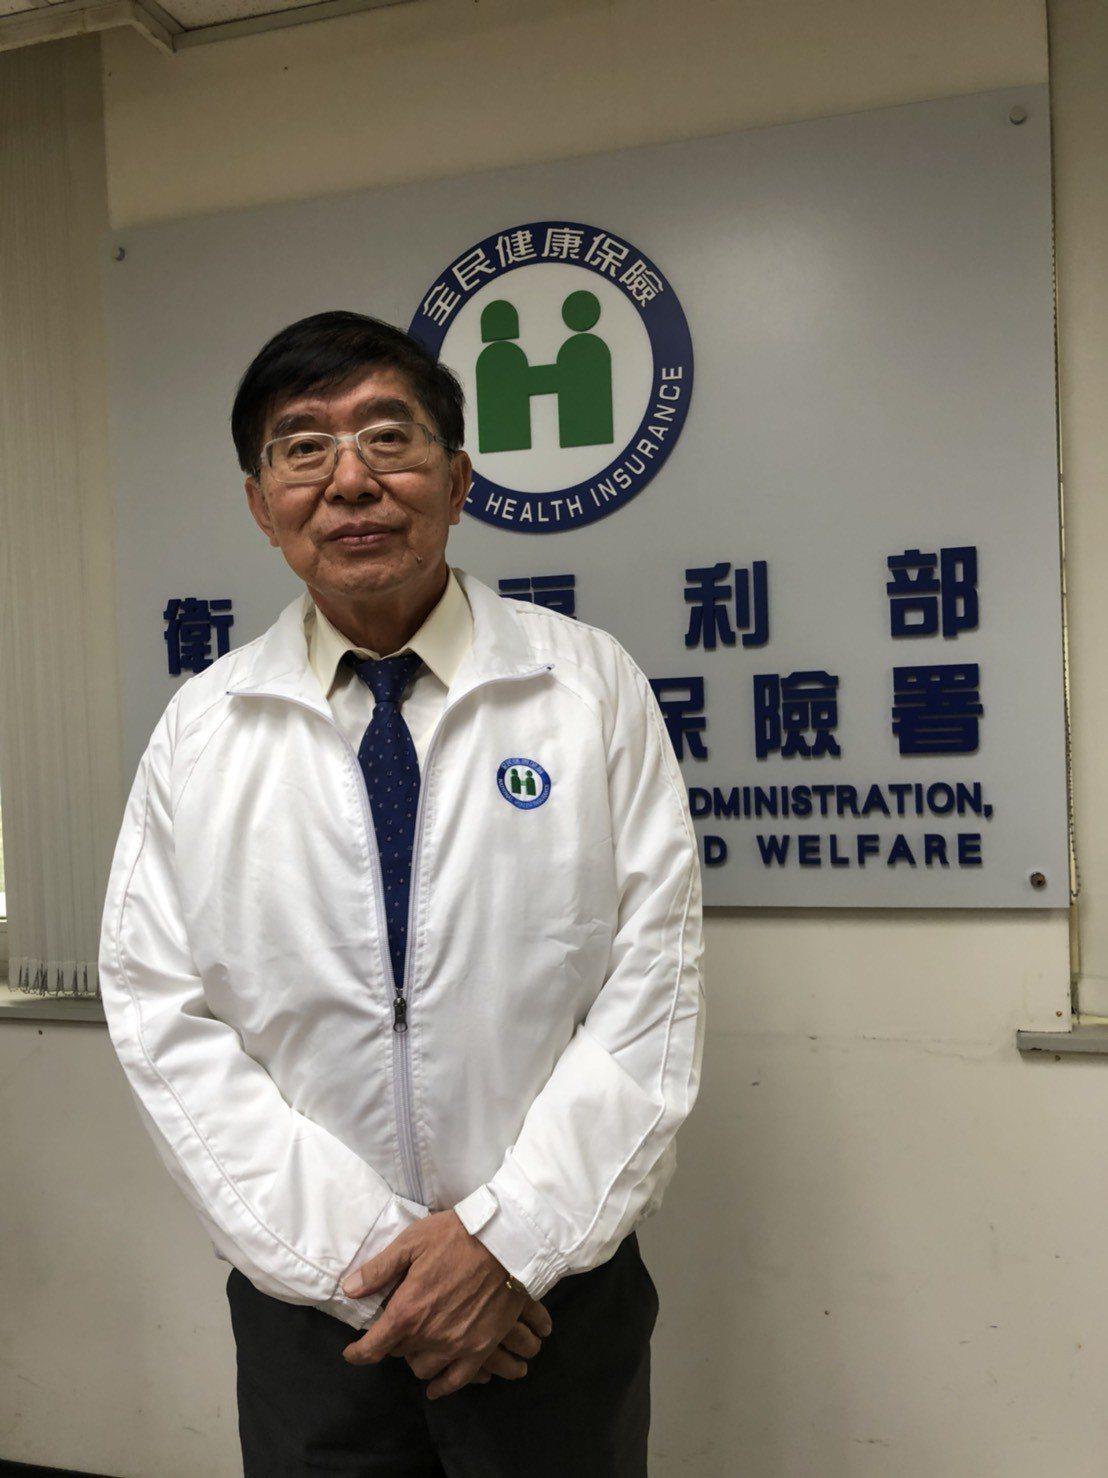 健保署長李伯璋宣布放寬肝癌標靶藥給付限制。本報資料照片